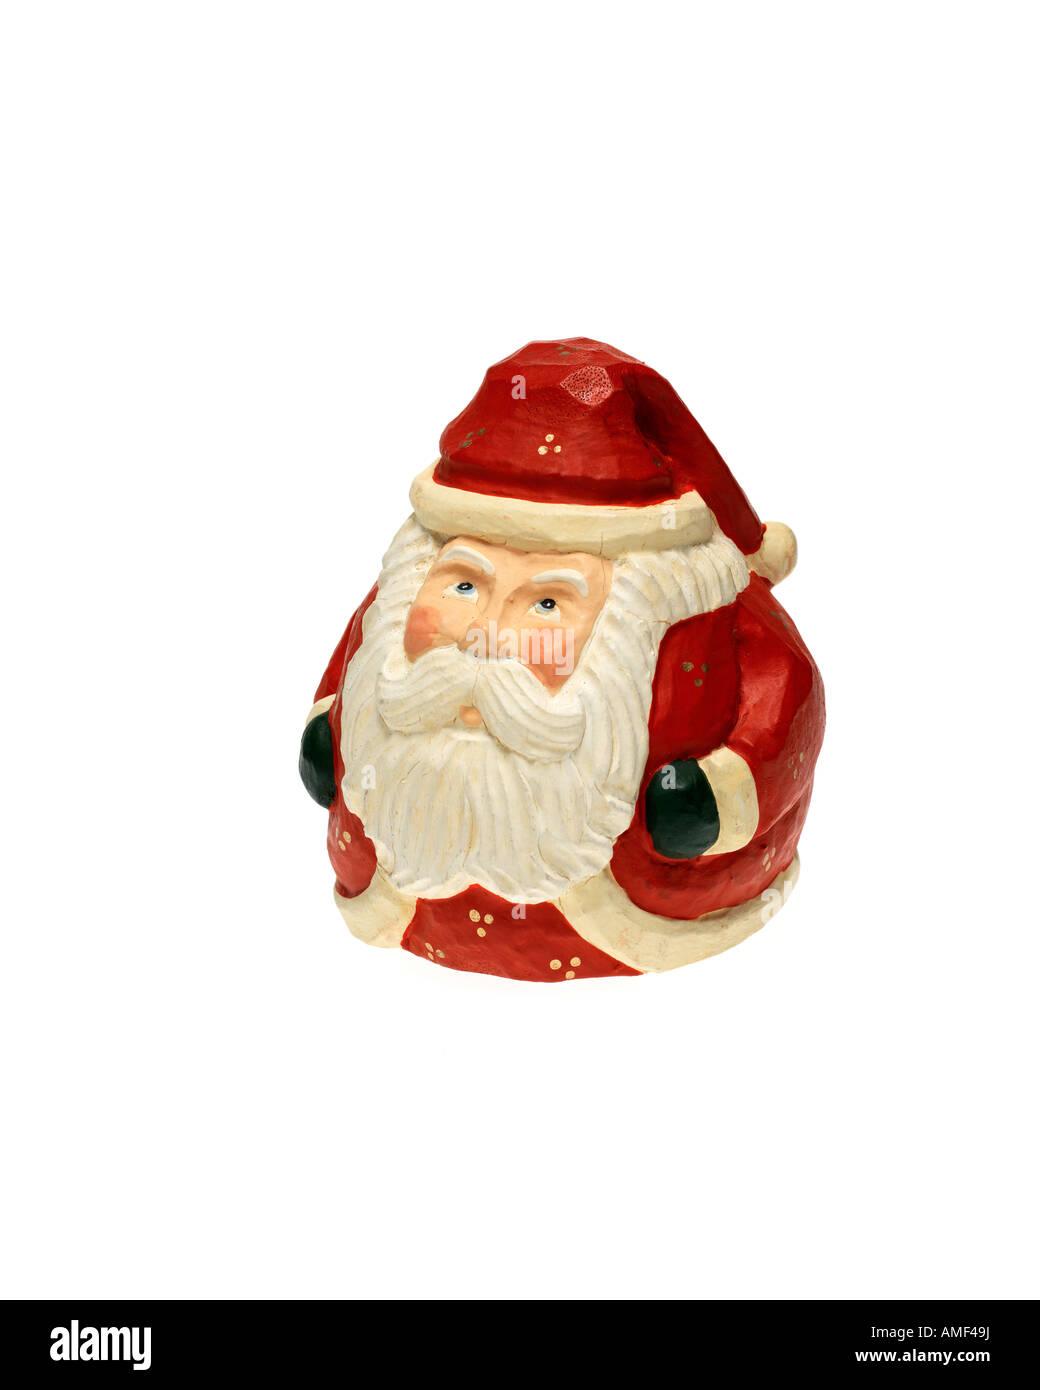 Vintage Weihnachtsmann Holzschnitzerei Figur auf weißem Hintergrund Stockbild